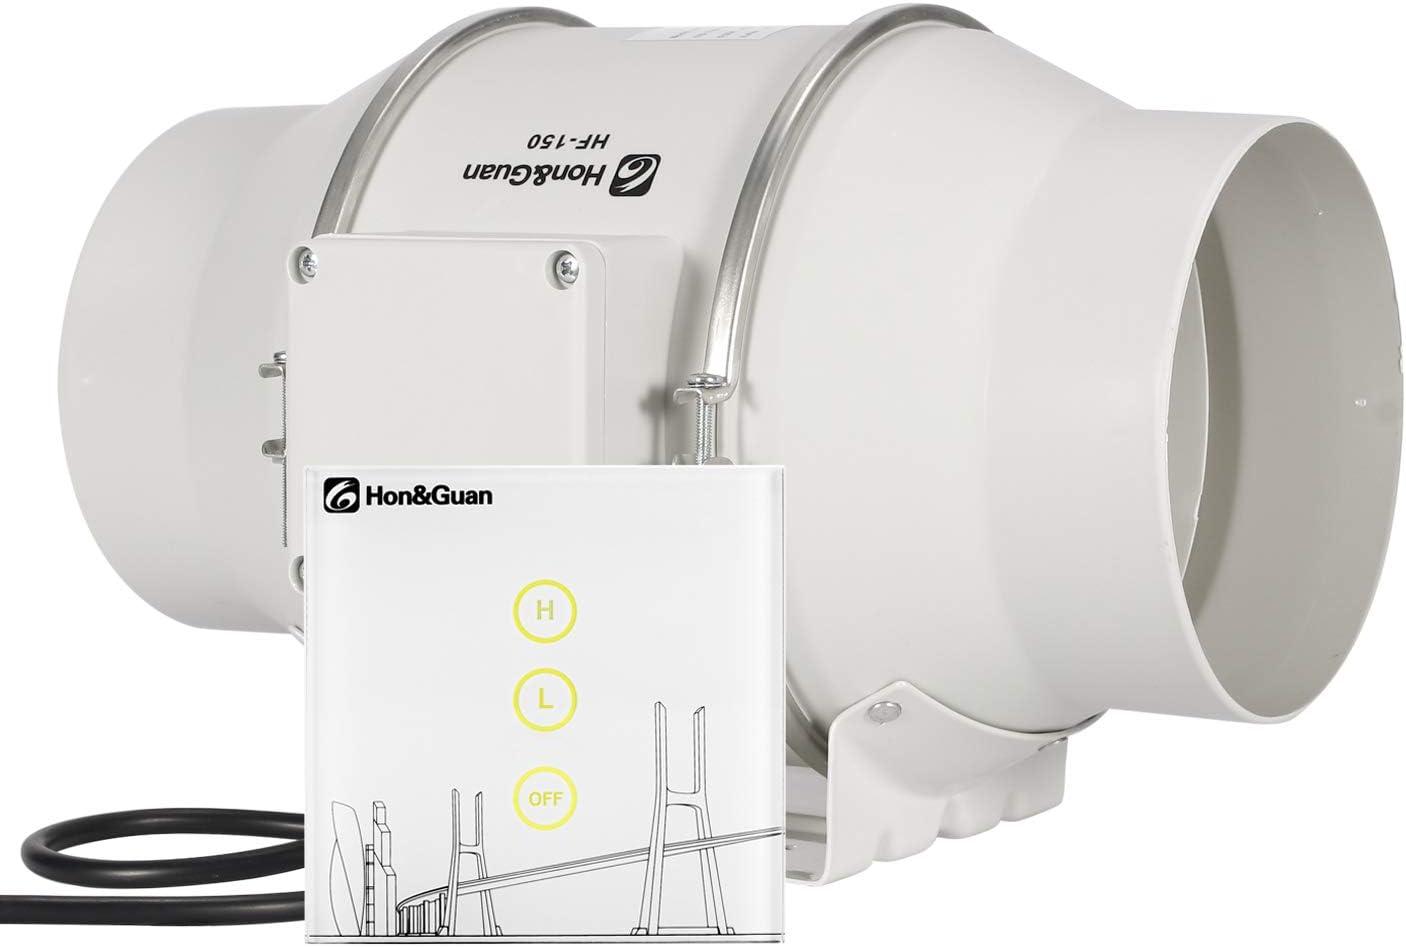 Hon&Guan Extractor de Aire en Línea com Flujo Mixto 150mm - Ventilador de Baño Silencioso con Controlador Inalámbrico (ø150mm Extractor de Aire)